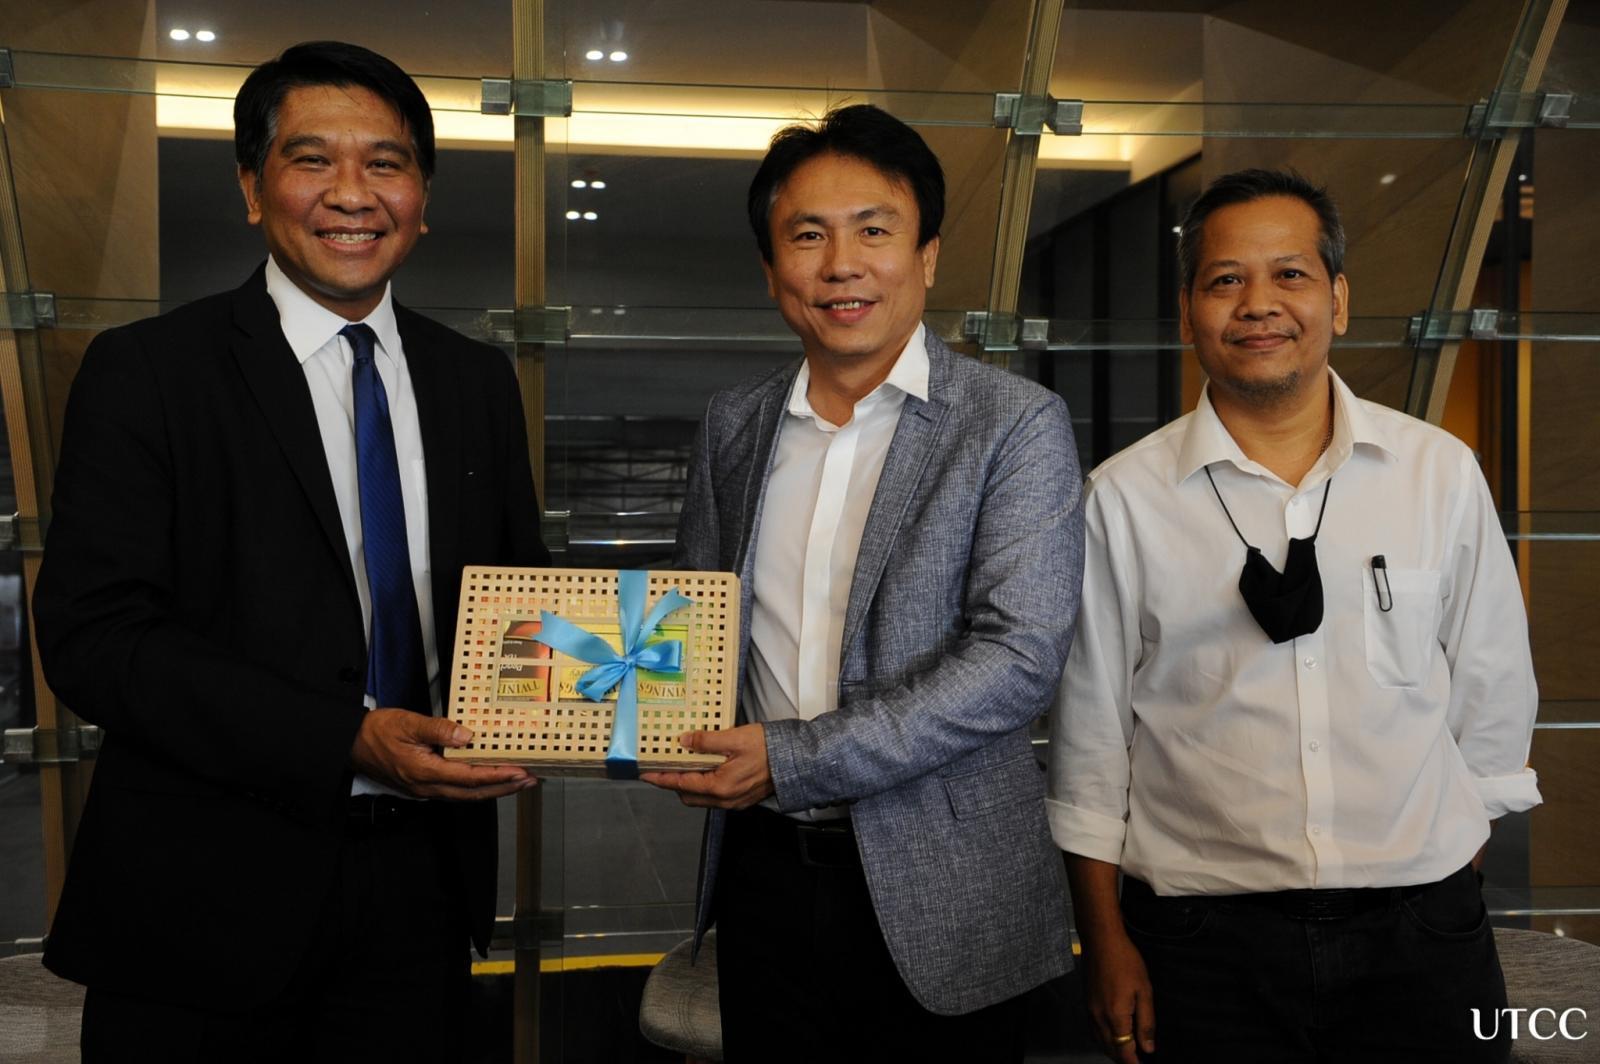 """ม.หอการค้าไทย เฟ้นหาดาว ยูทูบเบอร์ ผุดโครงการ """"ยิ่งรู้จัก ยิ่งรัก You…UTCC"""""""